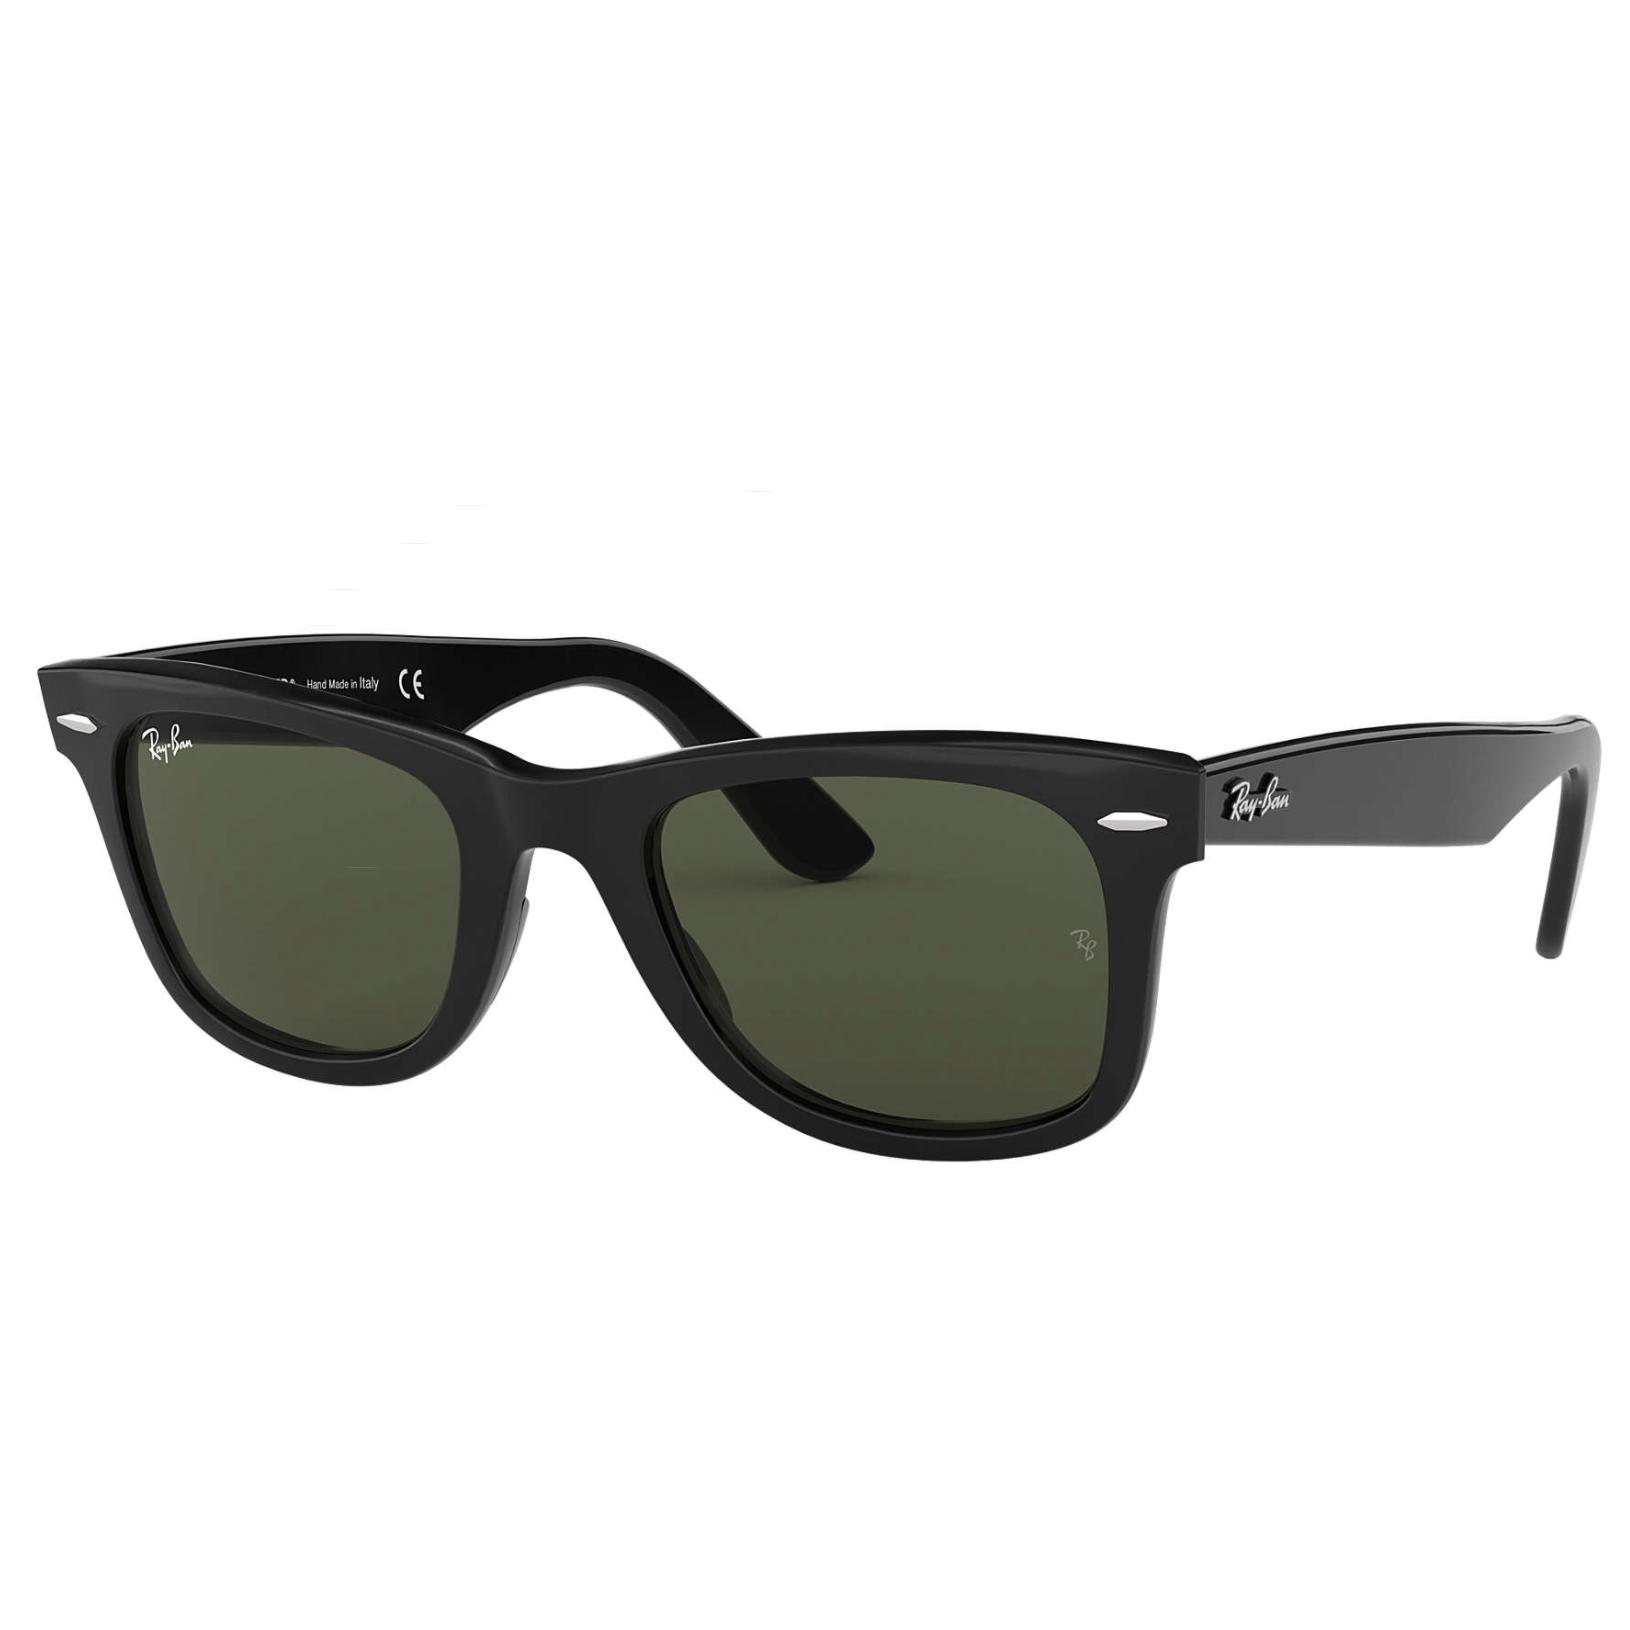 solbriller5